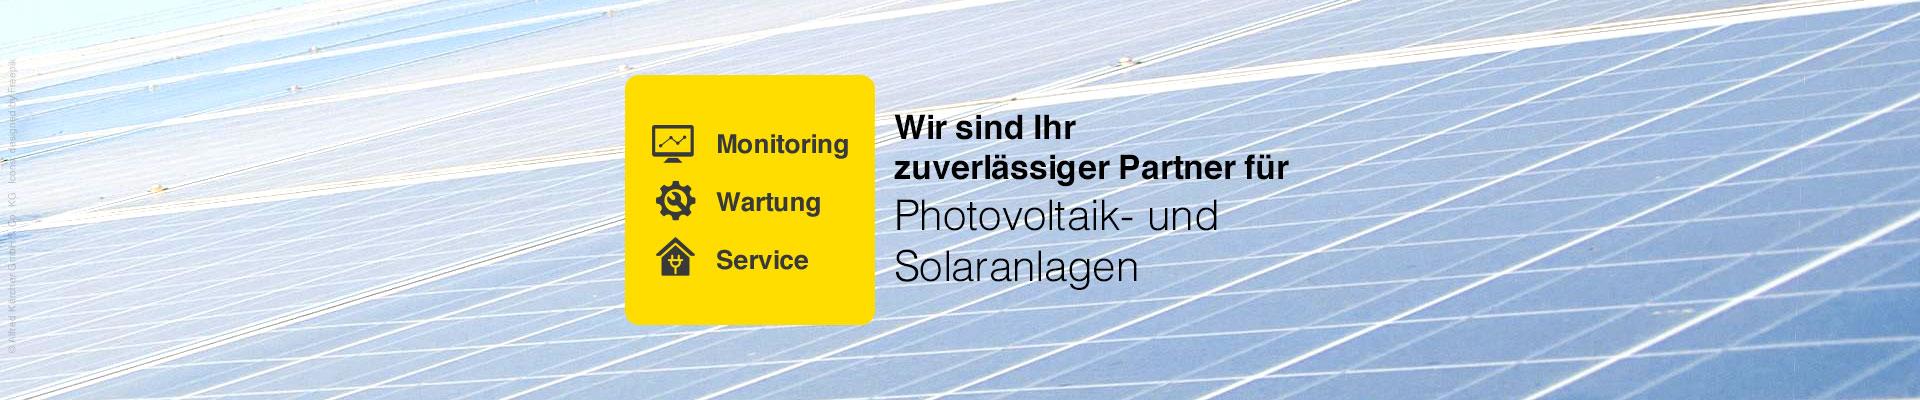 Wartung von Photovoltaik- und Solaranlagen